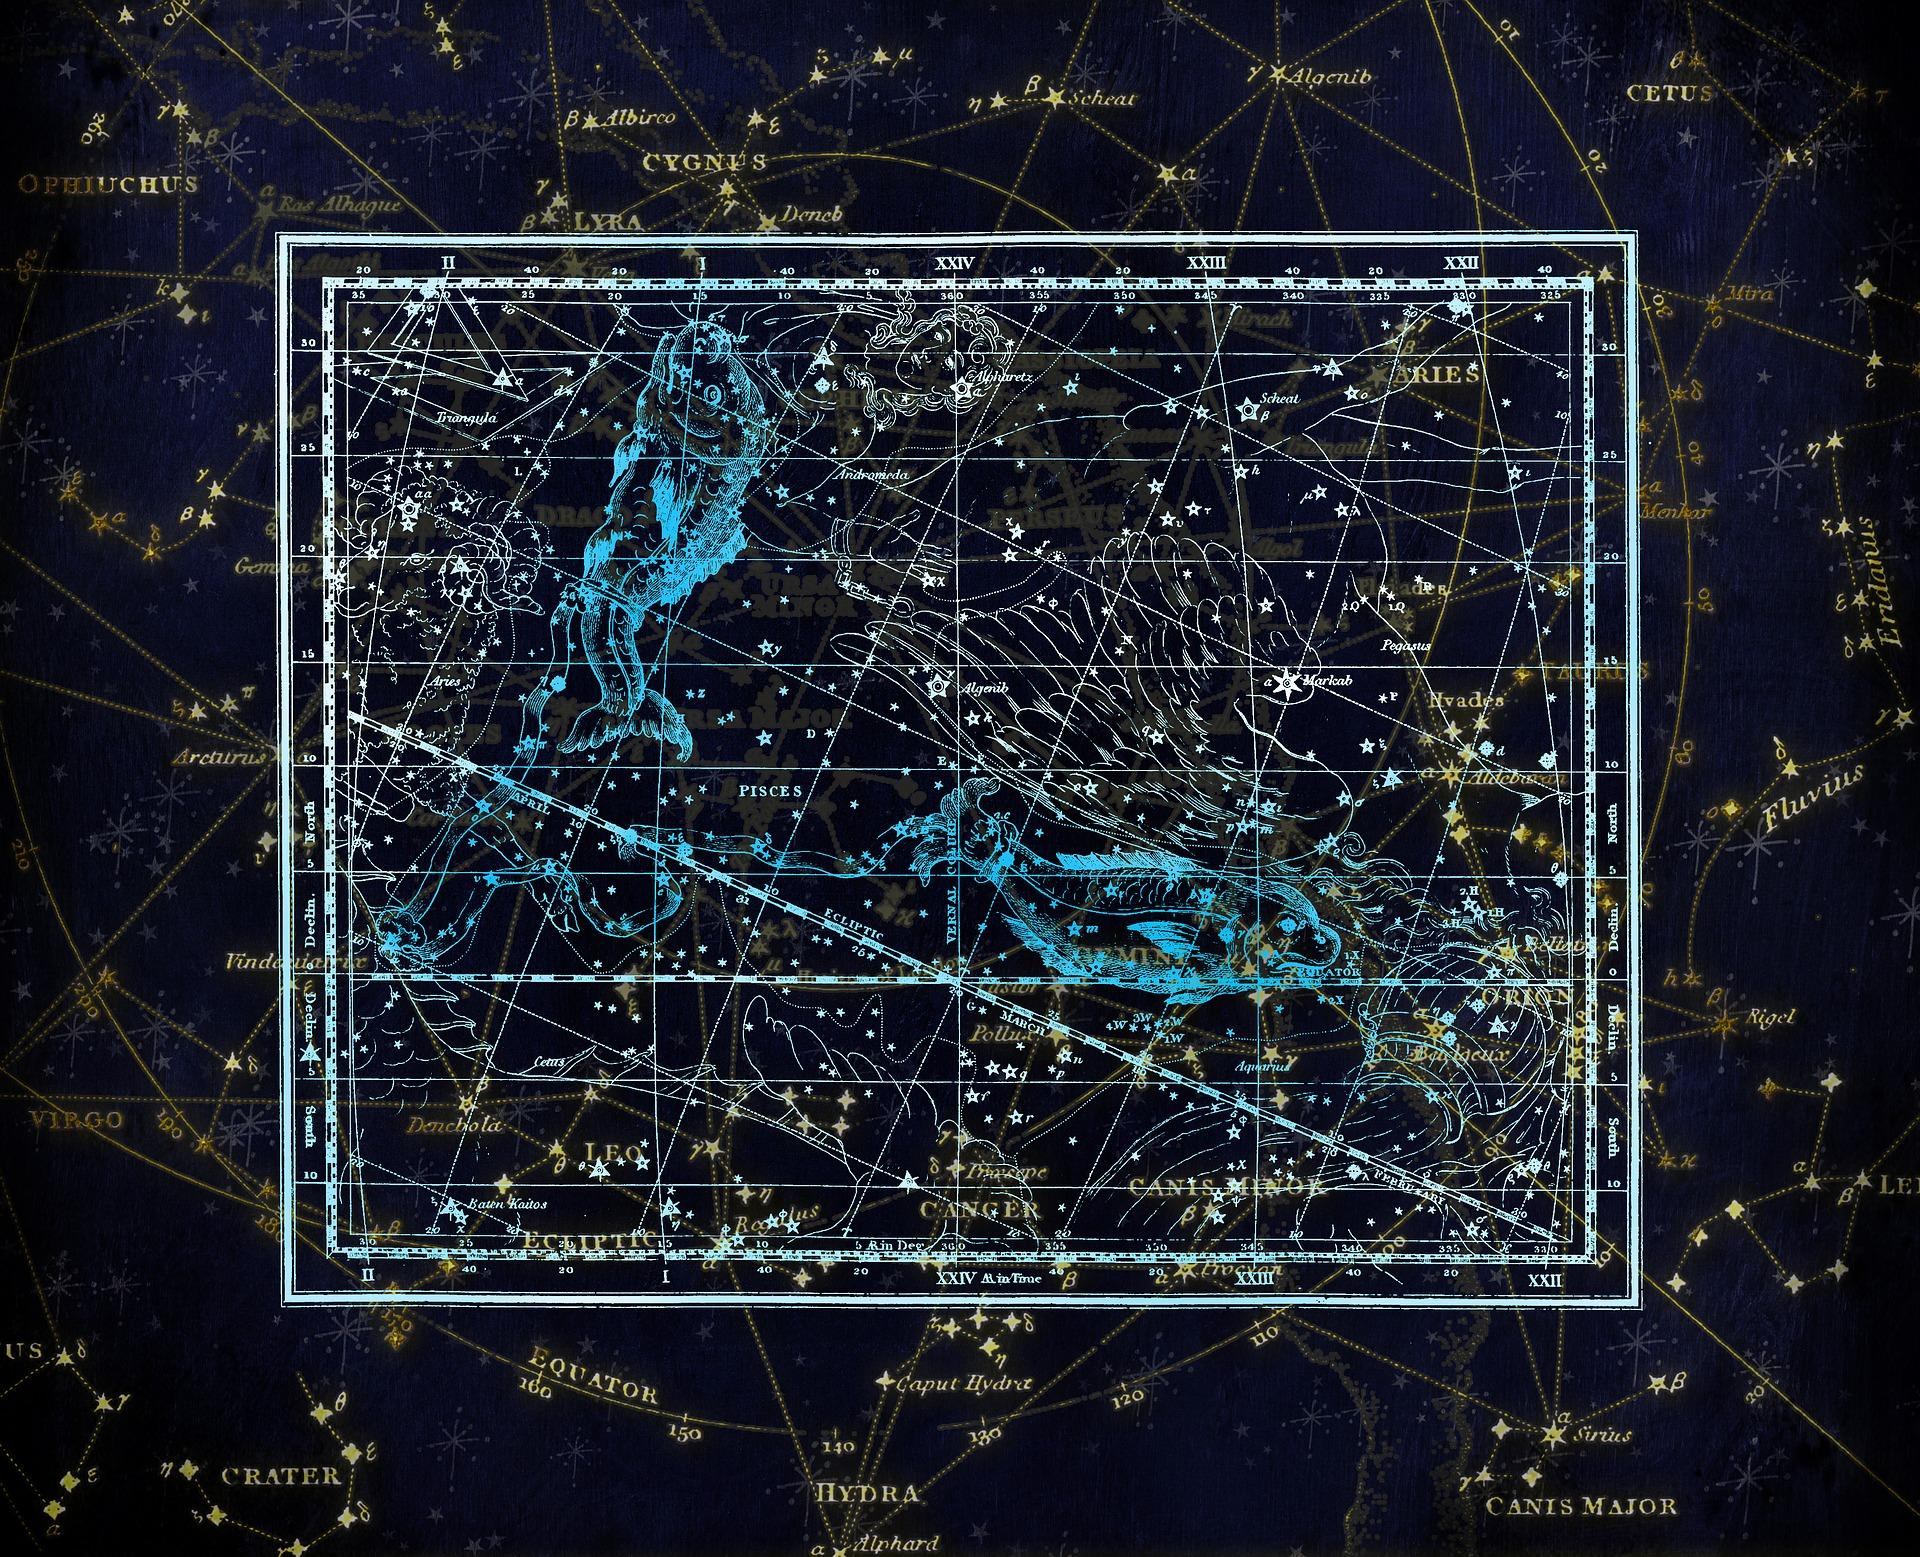 Pesti zodia